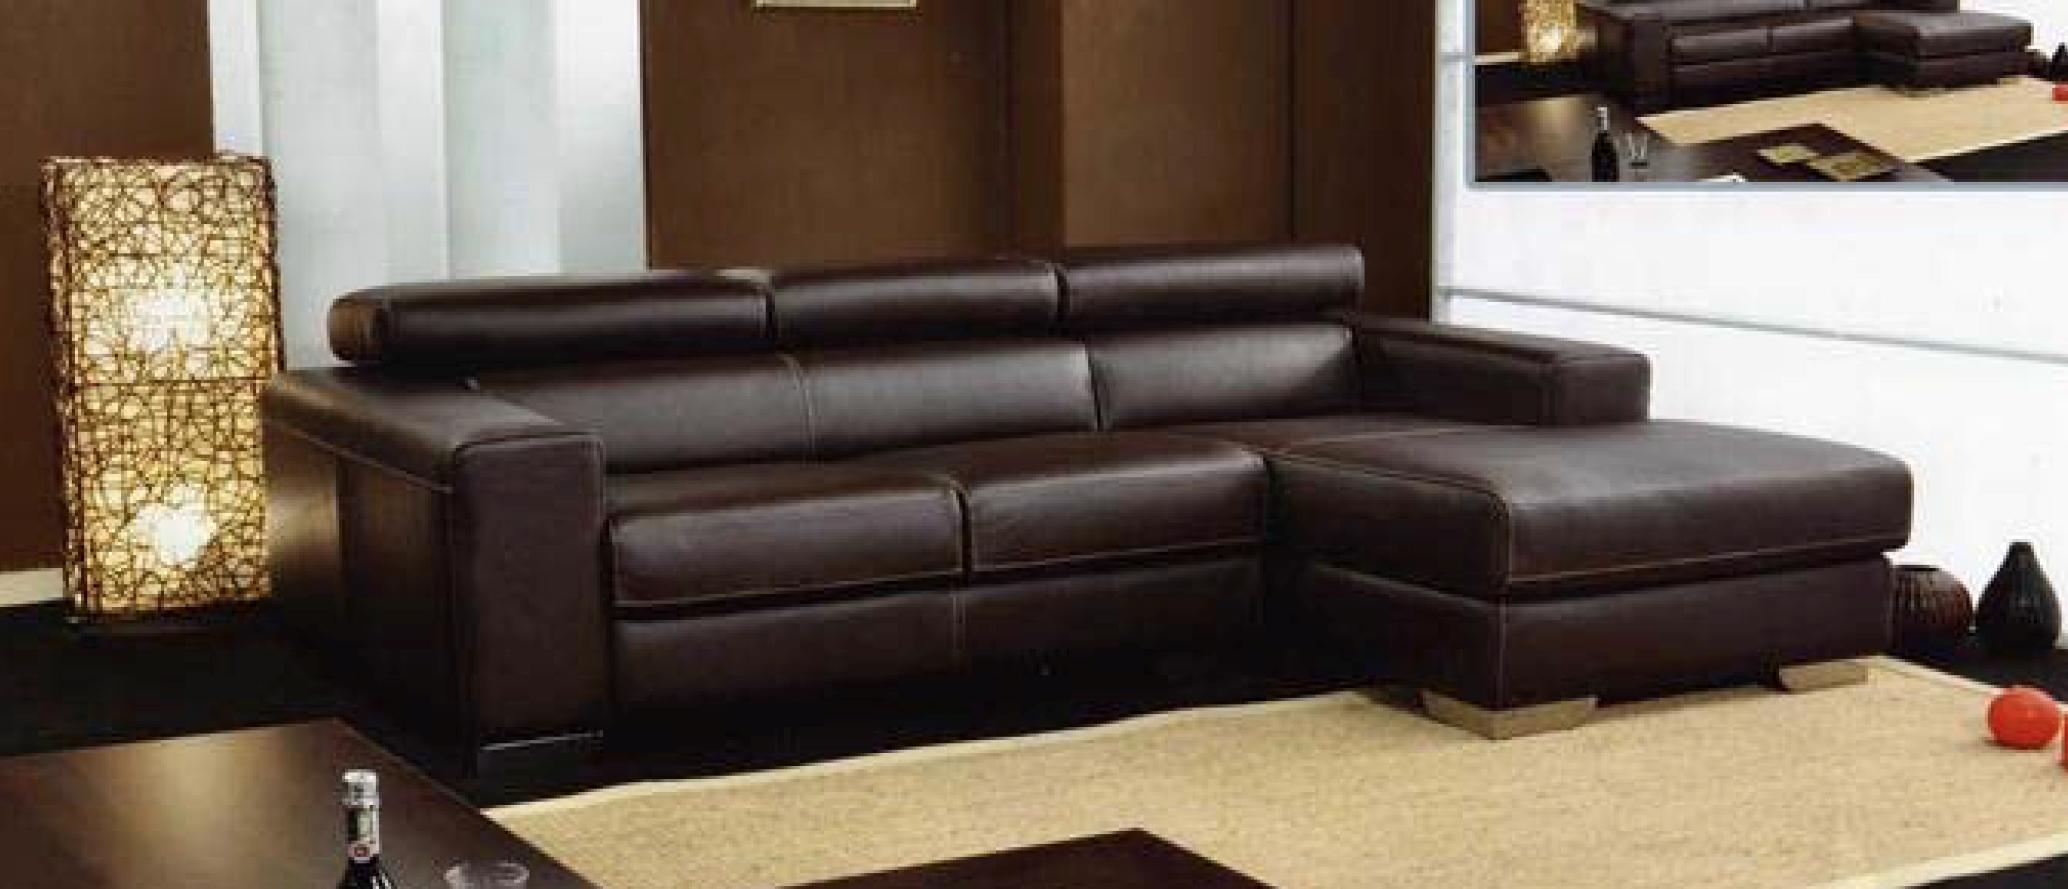 Divano divano box in pelle divani con chaise longue pelle for Divani e divani pelle